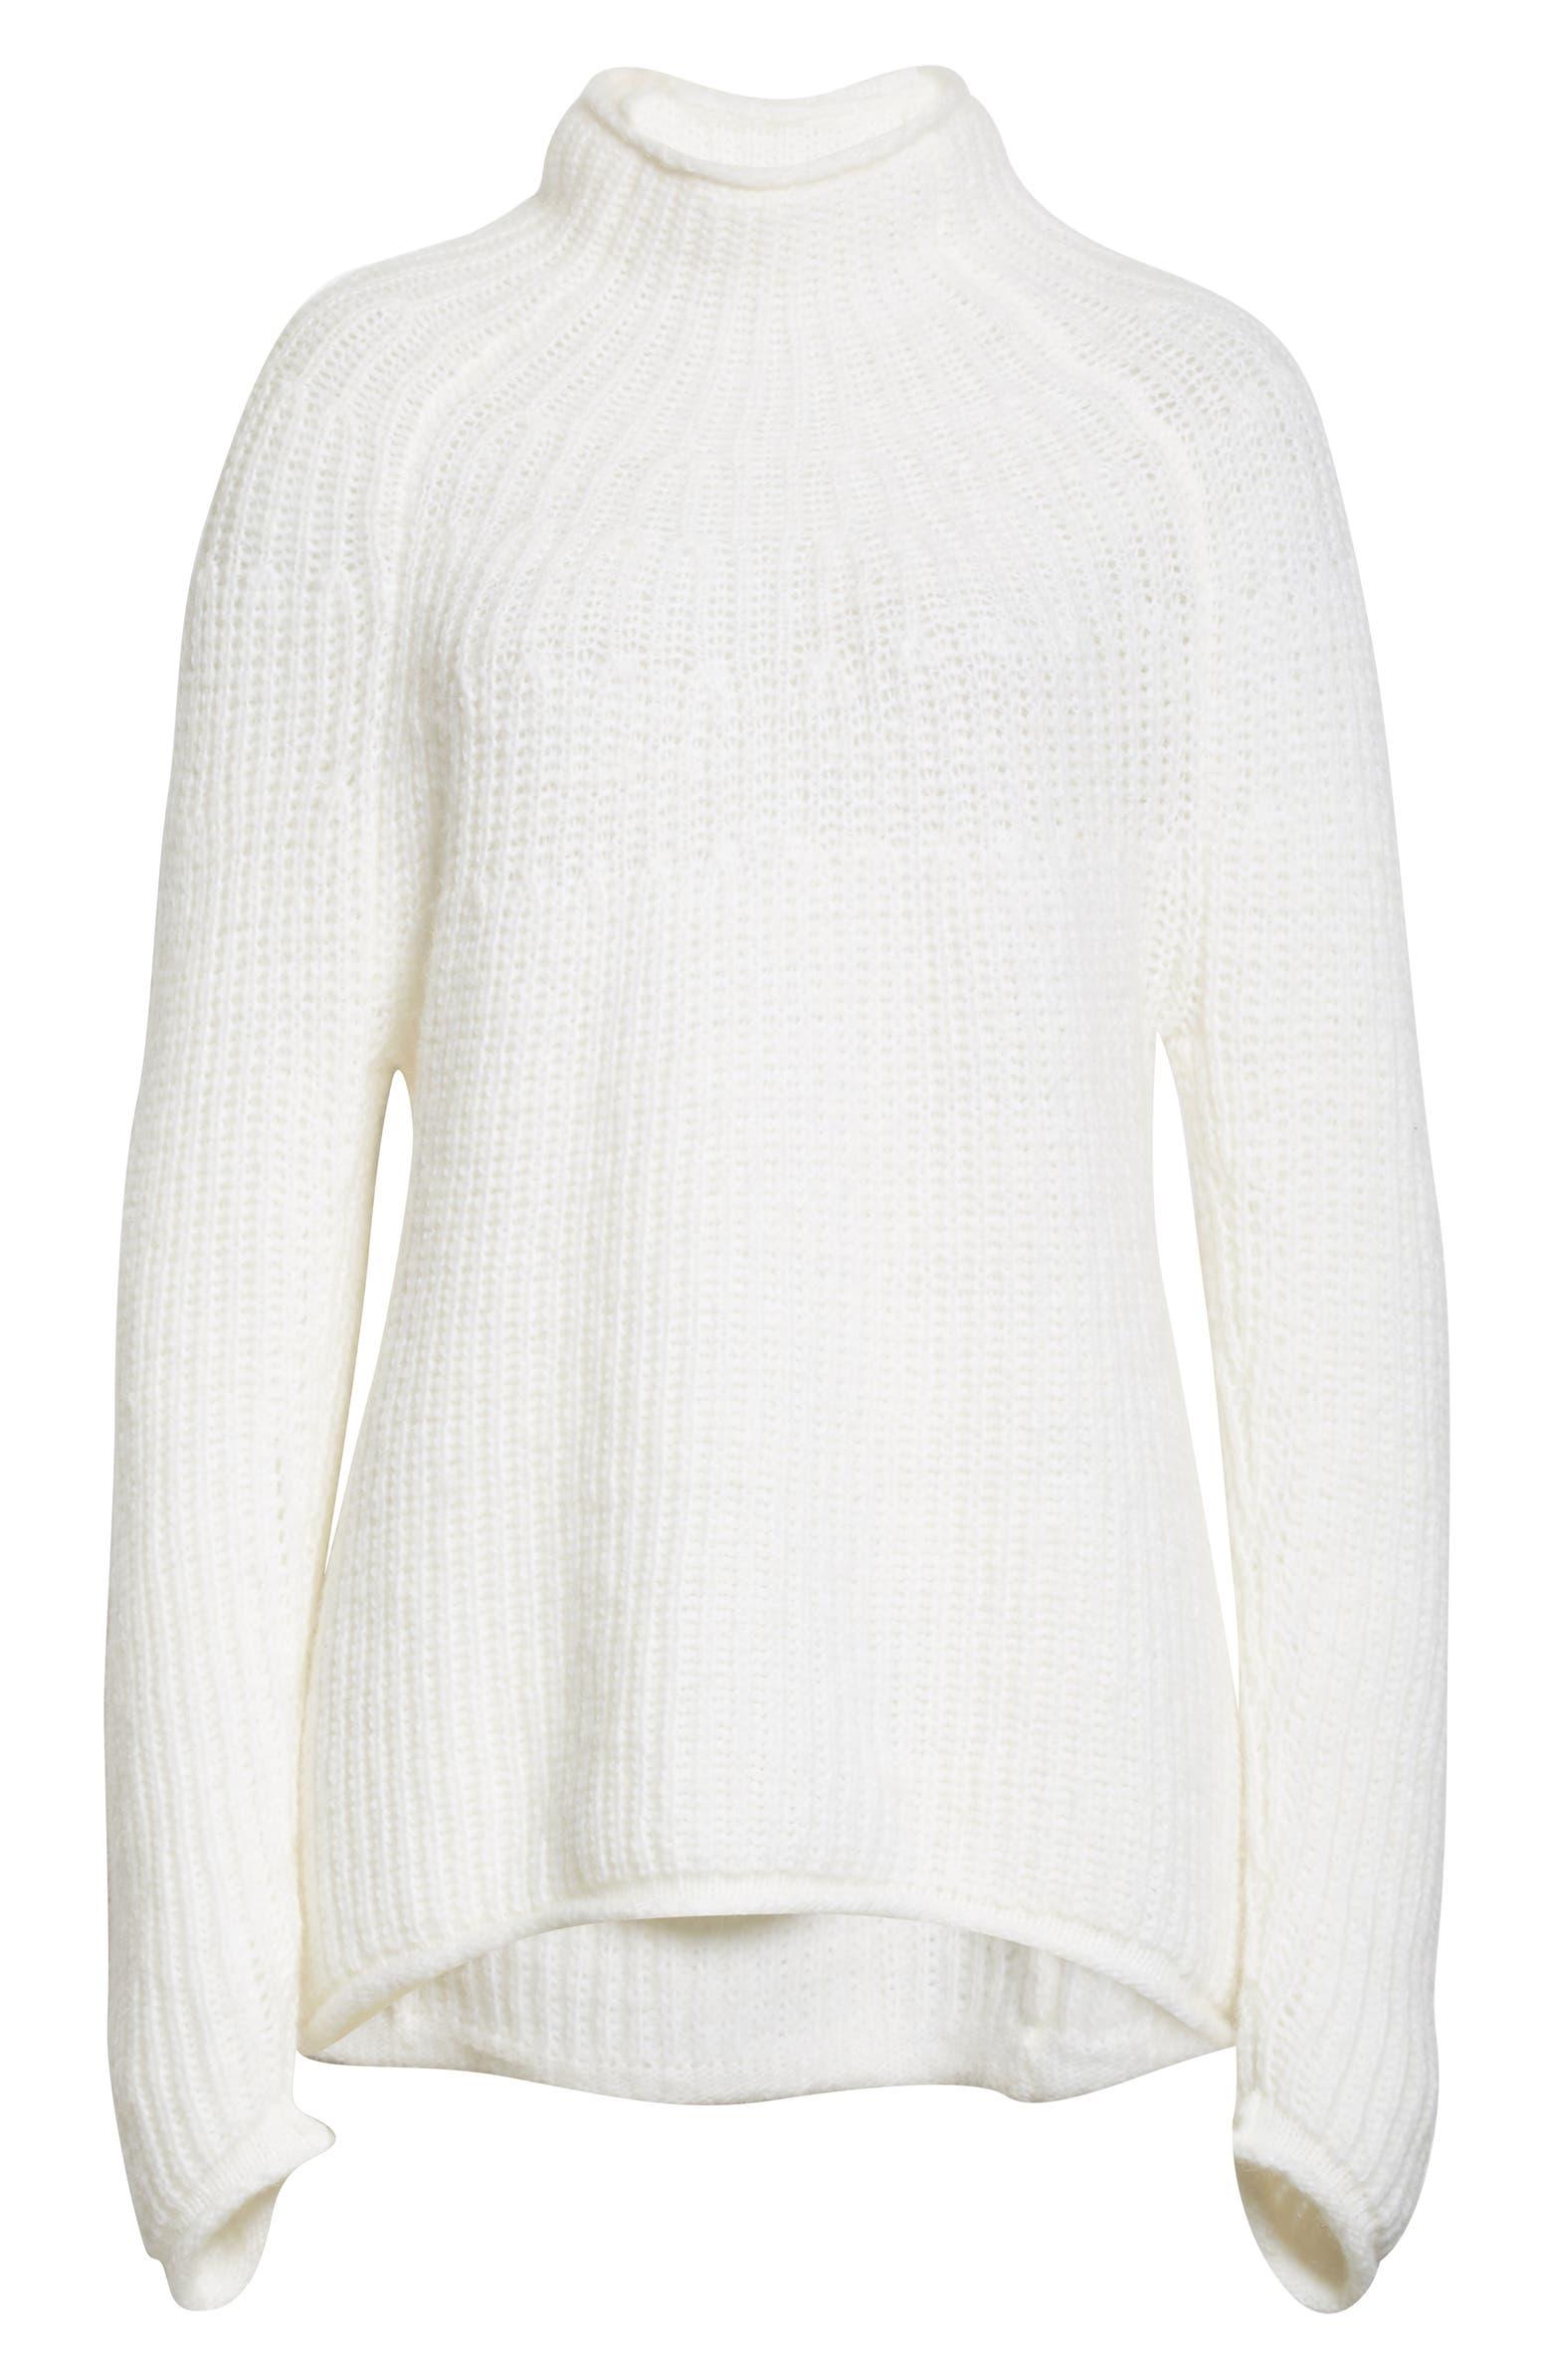 Joseph Turtleneck Sweater RAG & BONE